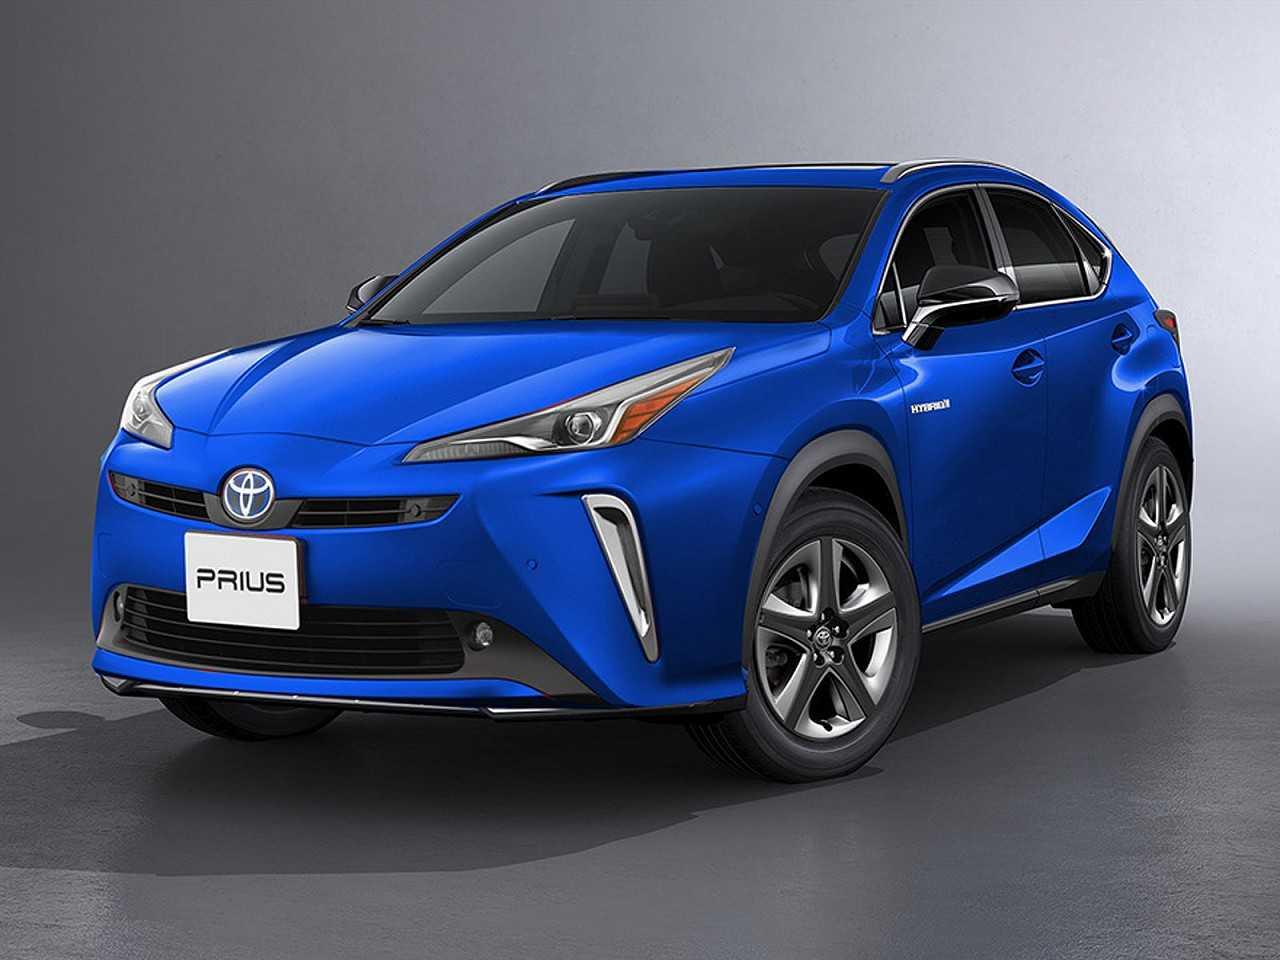 Projeção de Kleber Silva antecipando a possível quinta geração do Toyota Prius